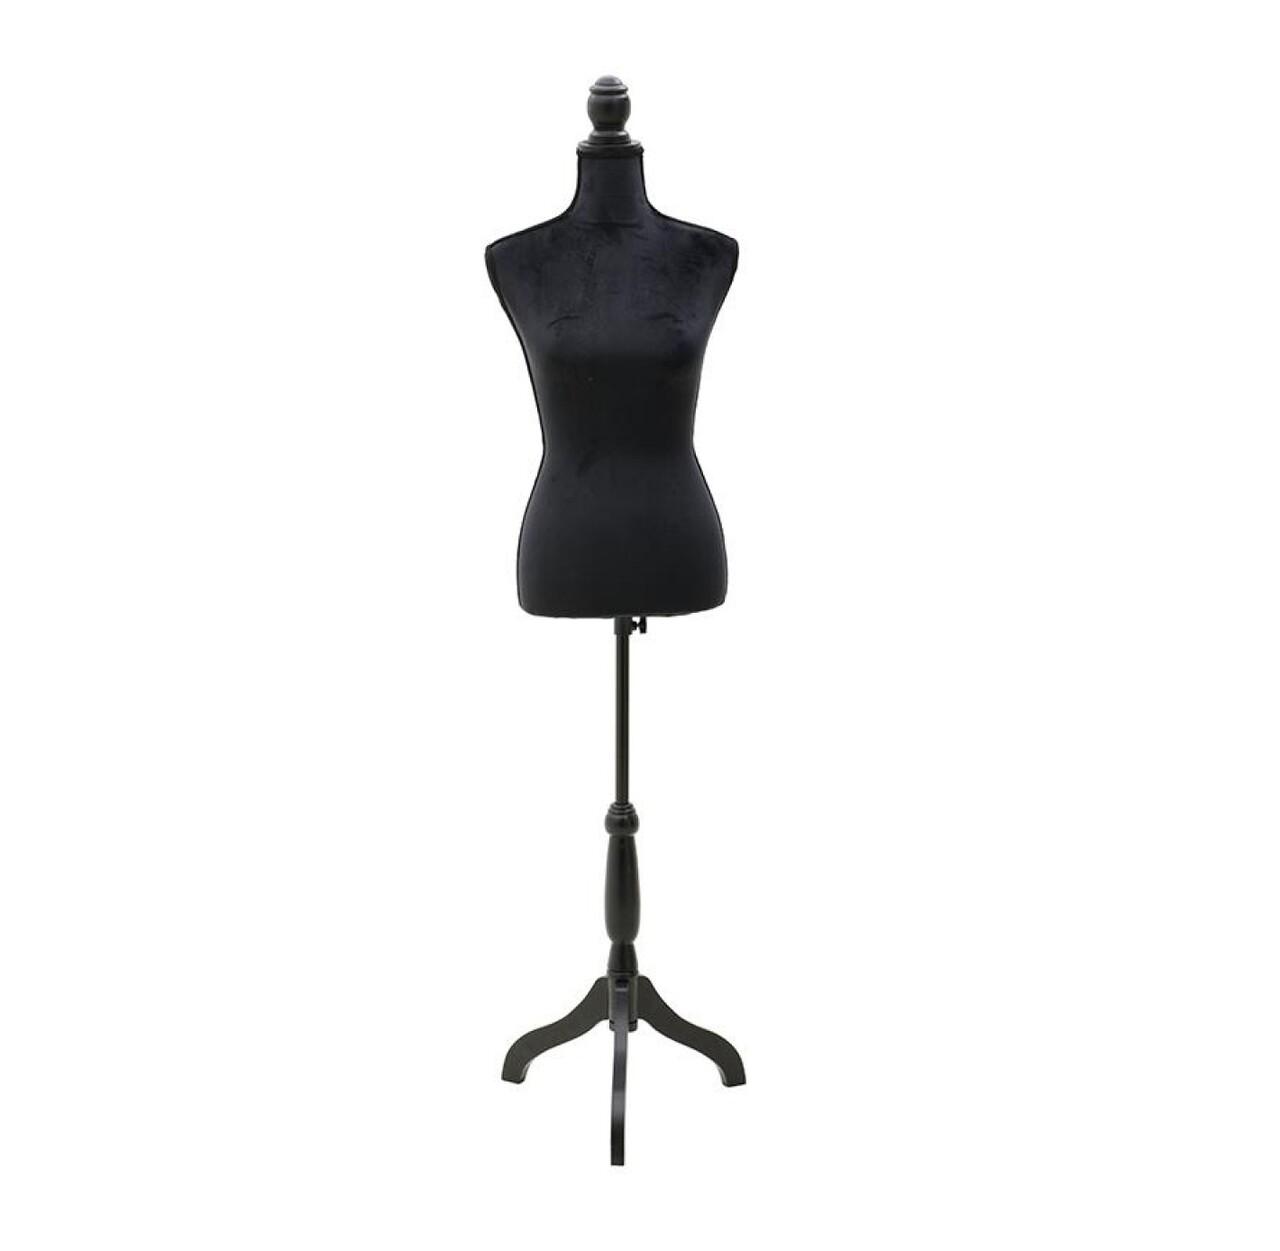 Manechin fix pentru prezentare design, 37,5Χ24Χ168 cm, InArt, Black